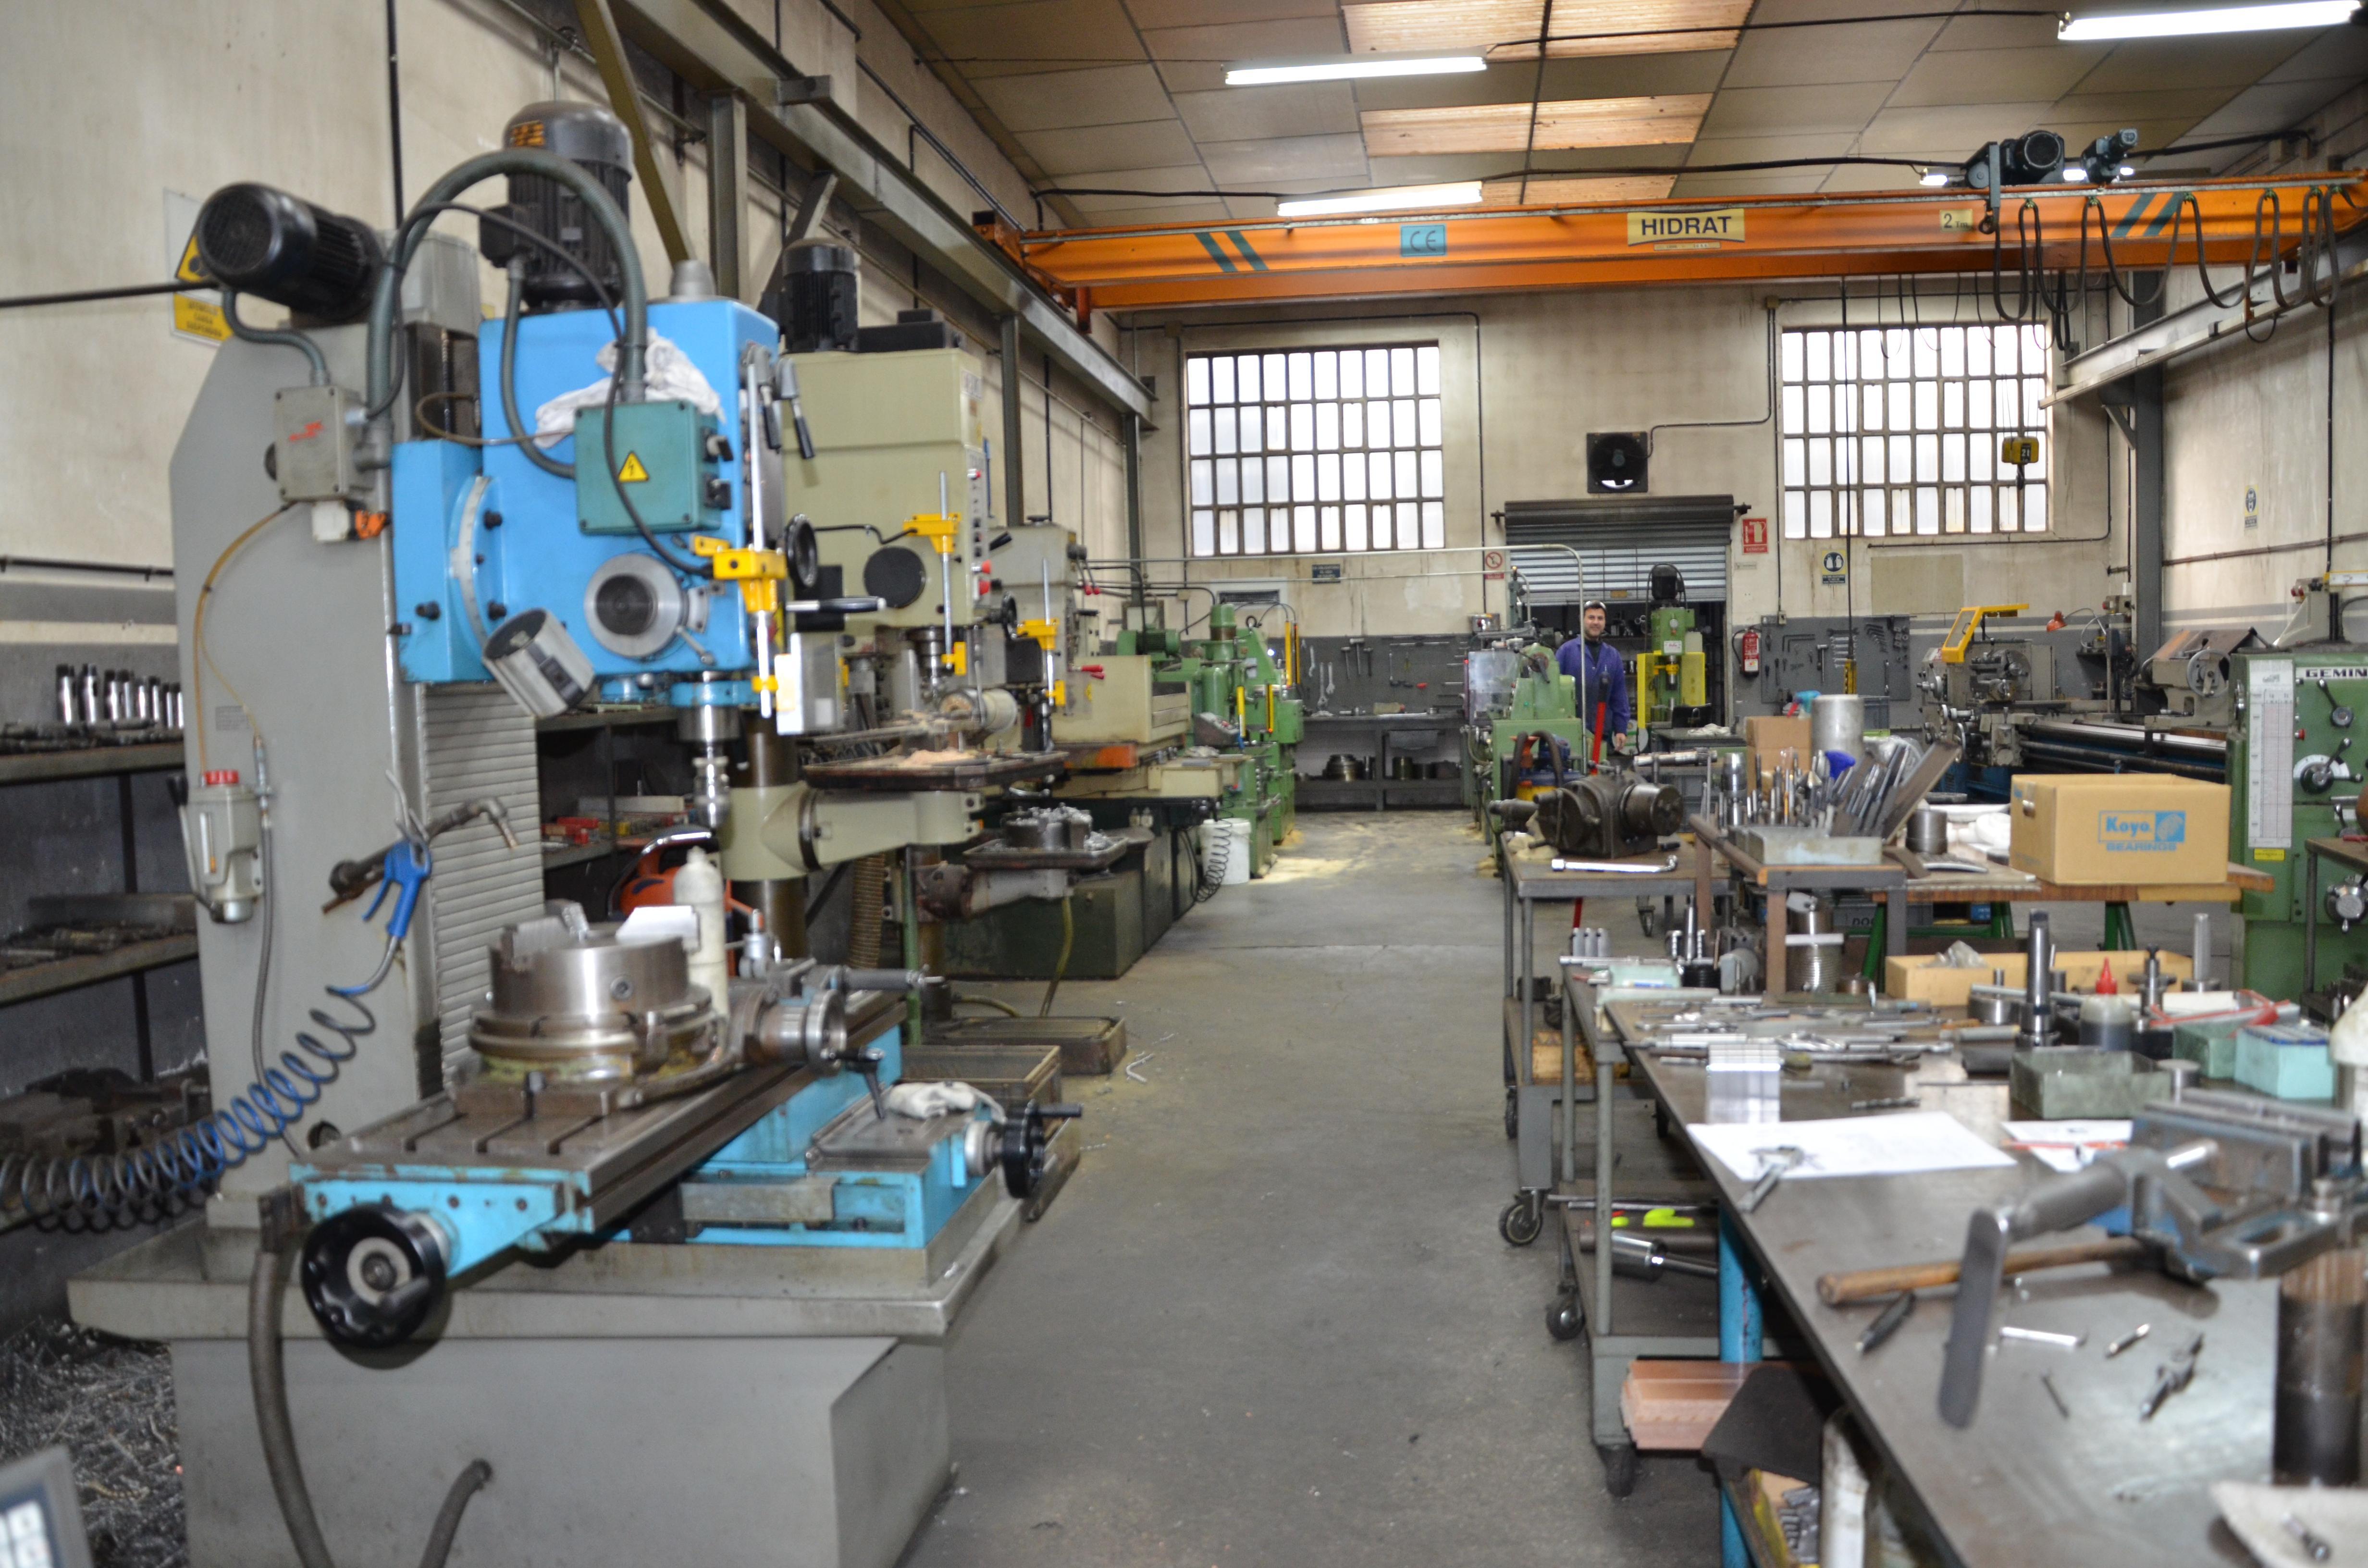 Foto 14 de Mecanizados en Manresa | Mecanitzats Gumer, S.L.